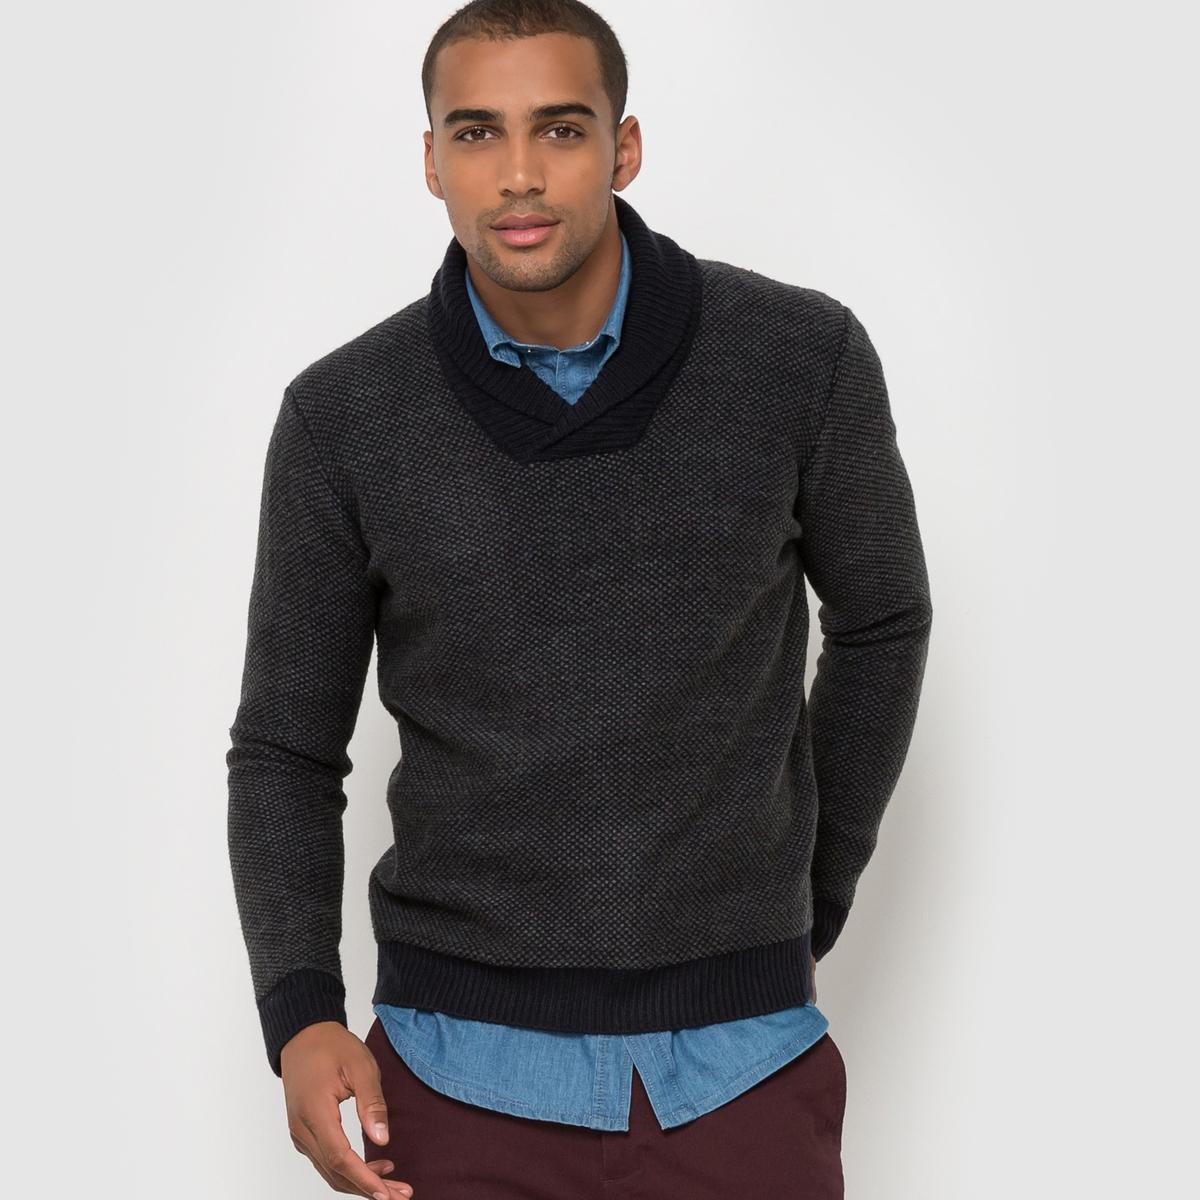 Пуловер с шалевым воротникомСостав и описаниеМатериал : 100% акрилаМарка : R EditionУходСм. рекомендации по уходу, указанные на этикетке изделия<br><br>Цвет: темно-синий меланж<br>Размер: M